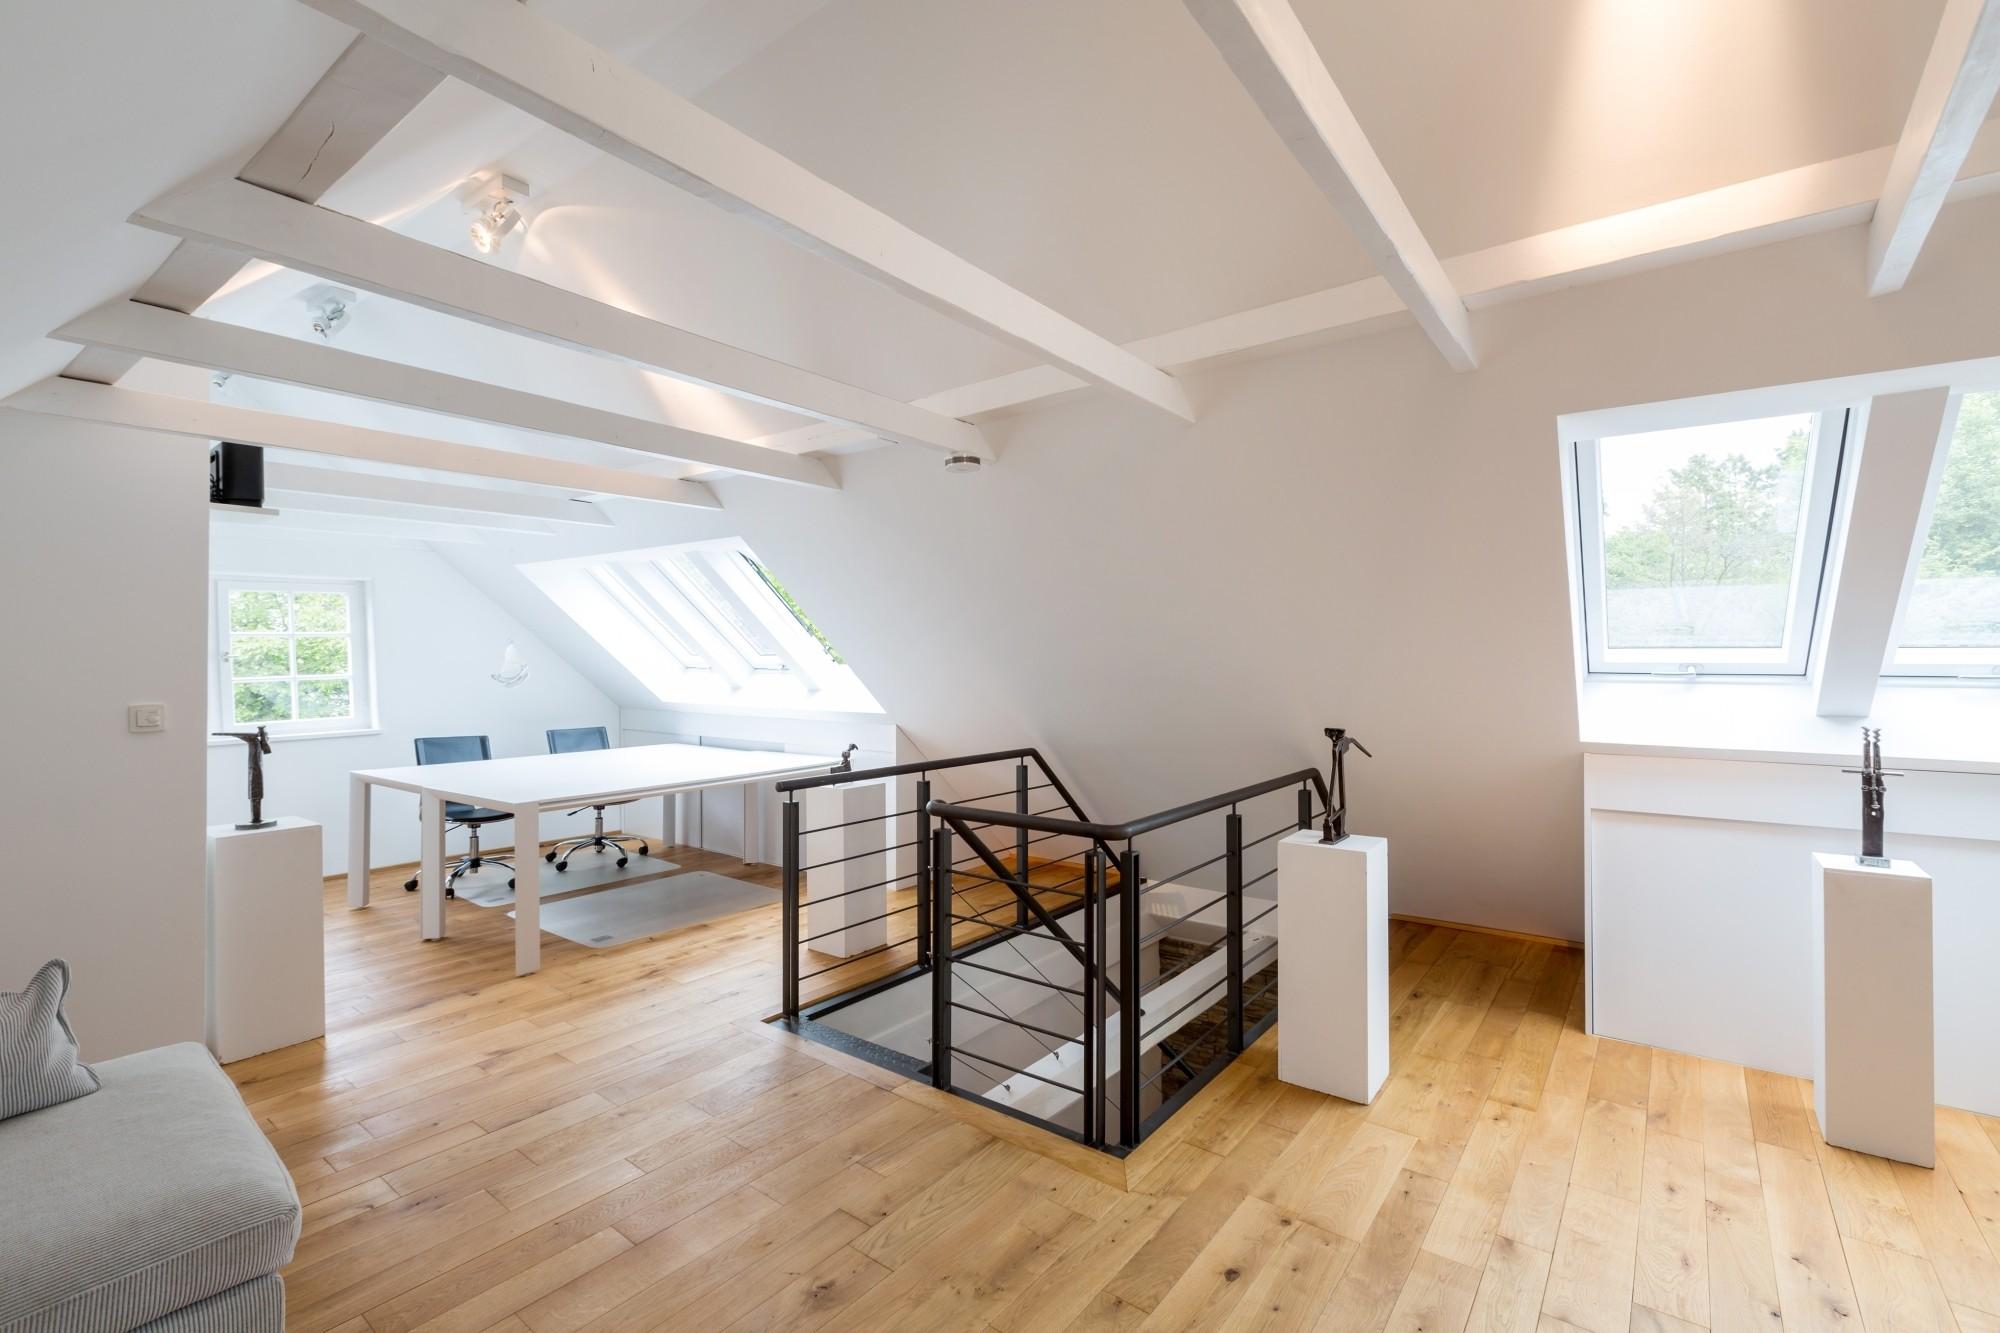 Raum des bauoffice im Dachgeschoss